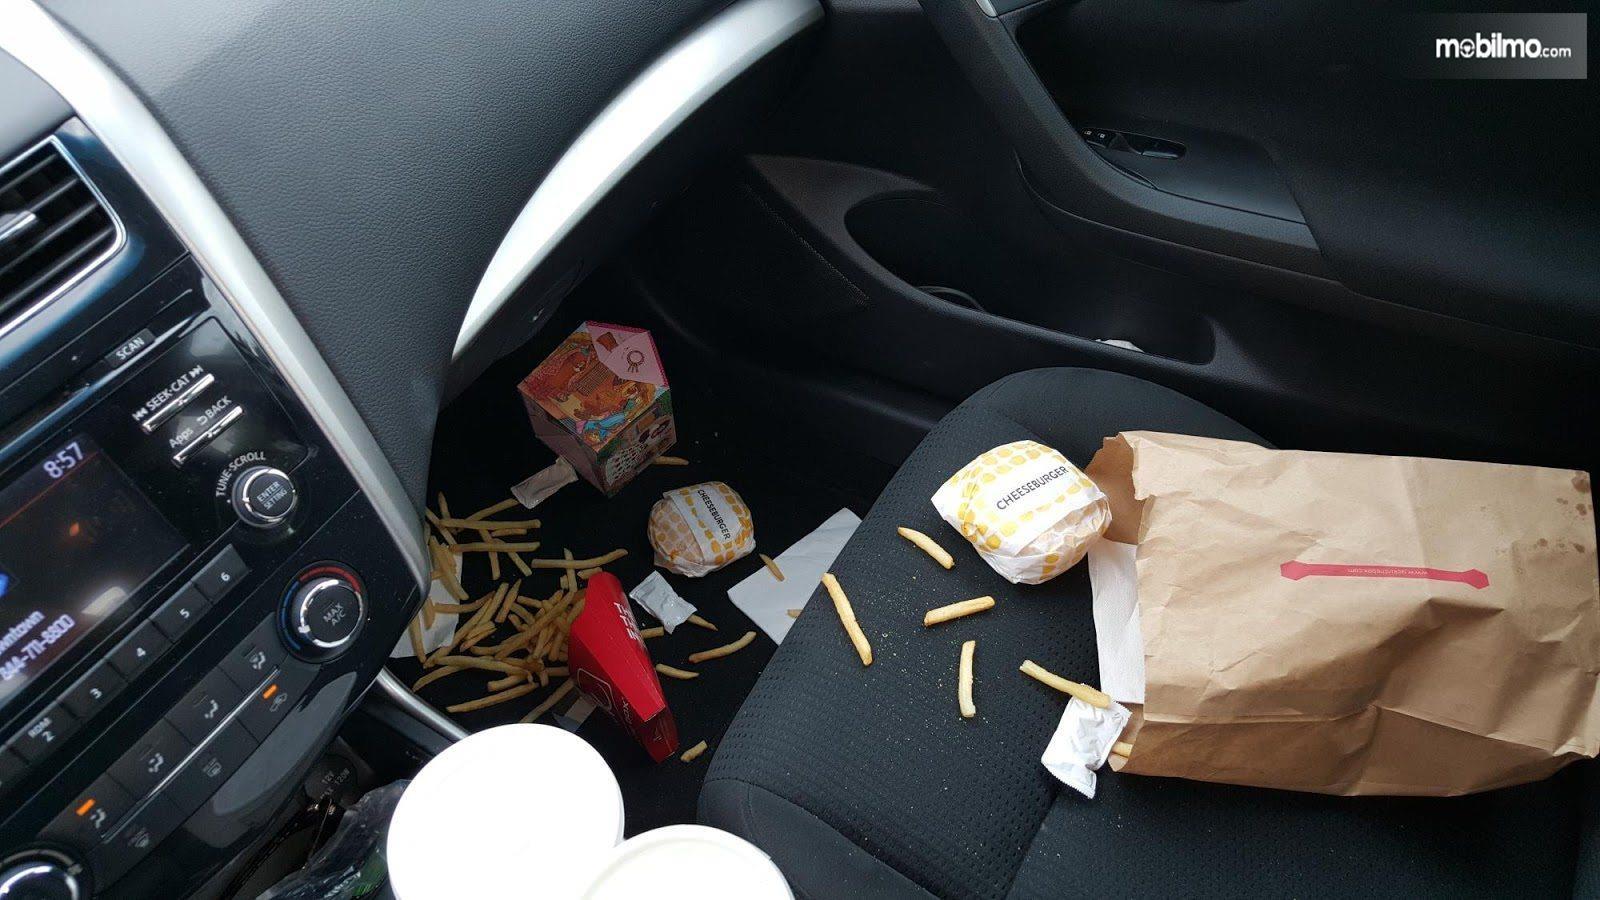 Foto sisa-sisa makanan dalam mobil